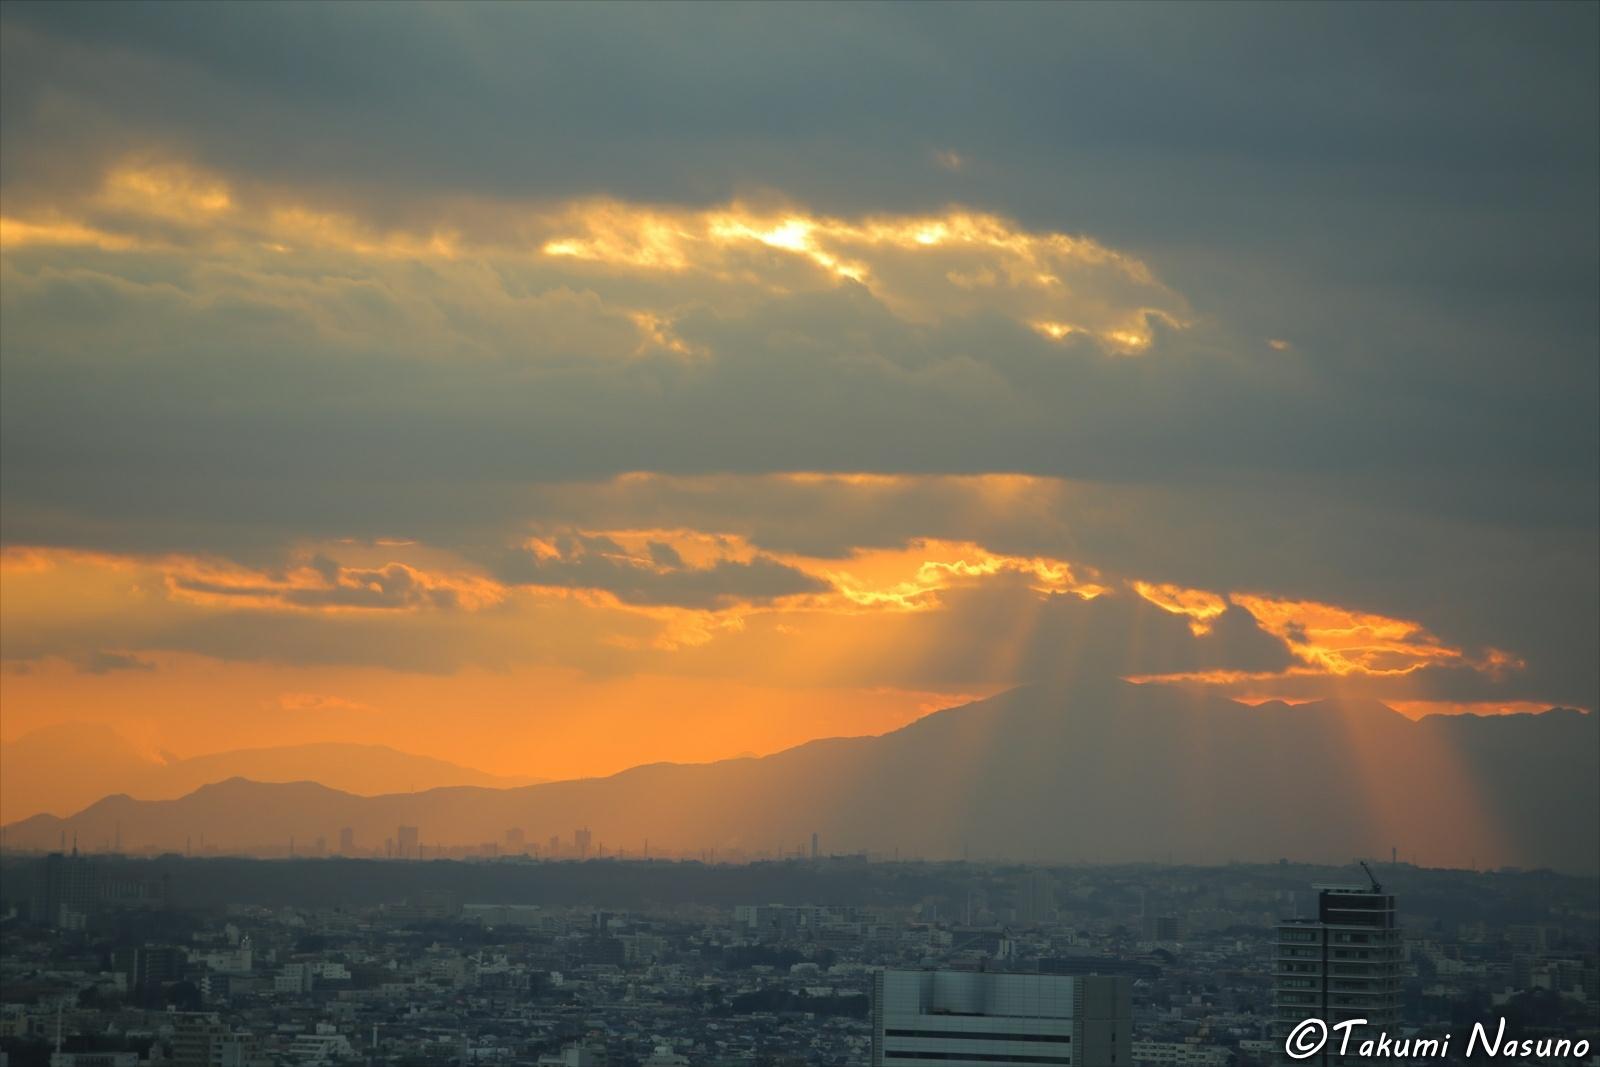 Sunset of Shinjuku